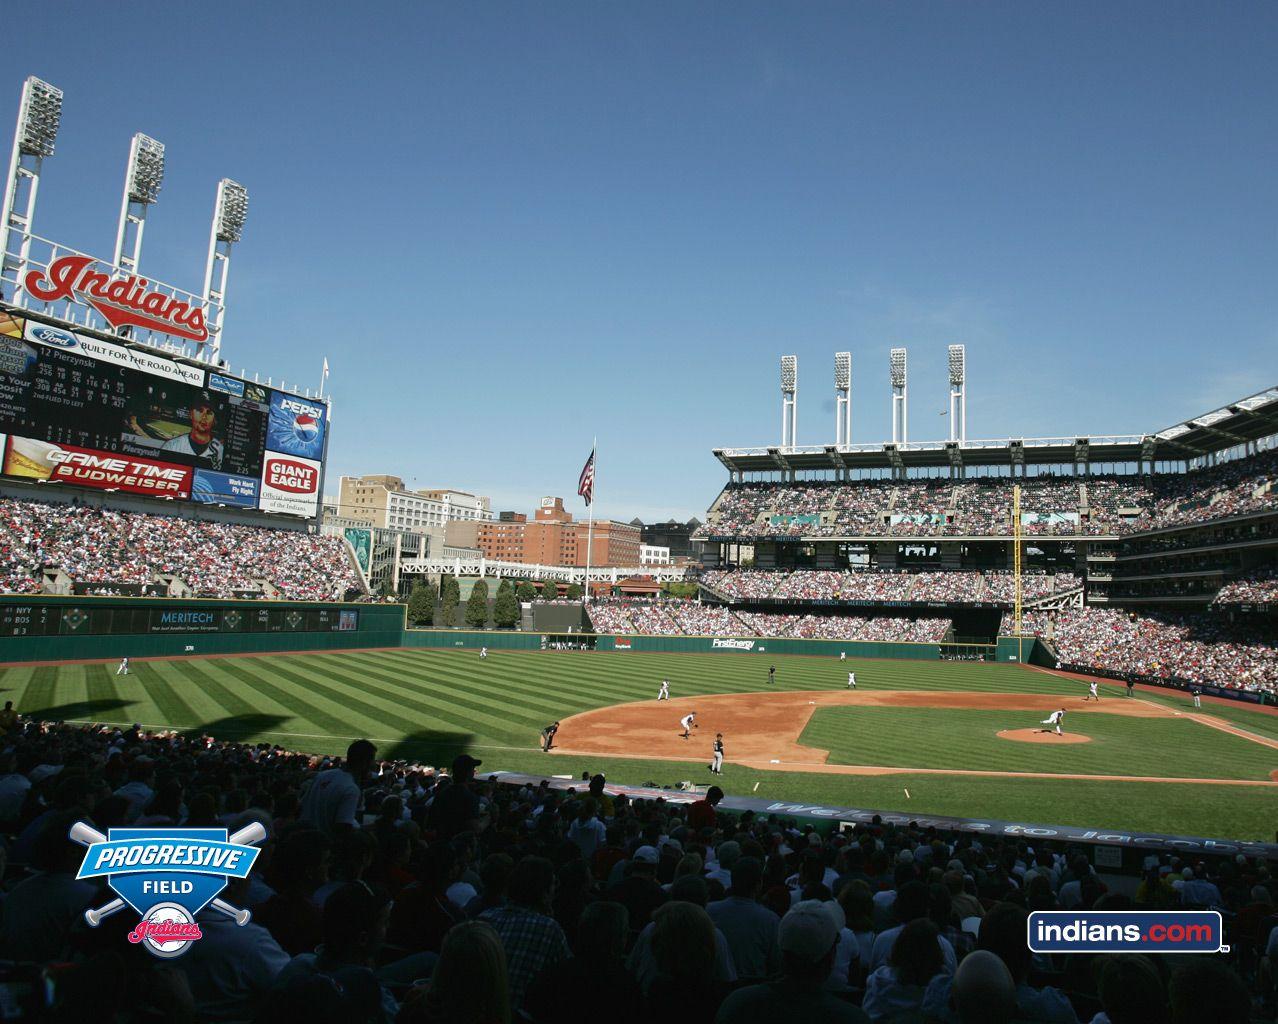 Jacobs Field Before It Was Progressive Cleveland Indians Cleveland Indians Baseball Indians Game